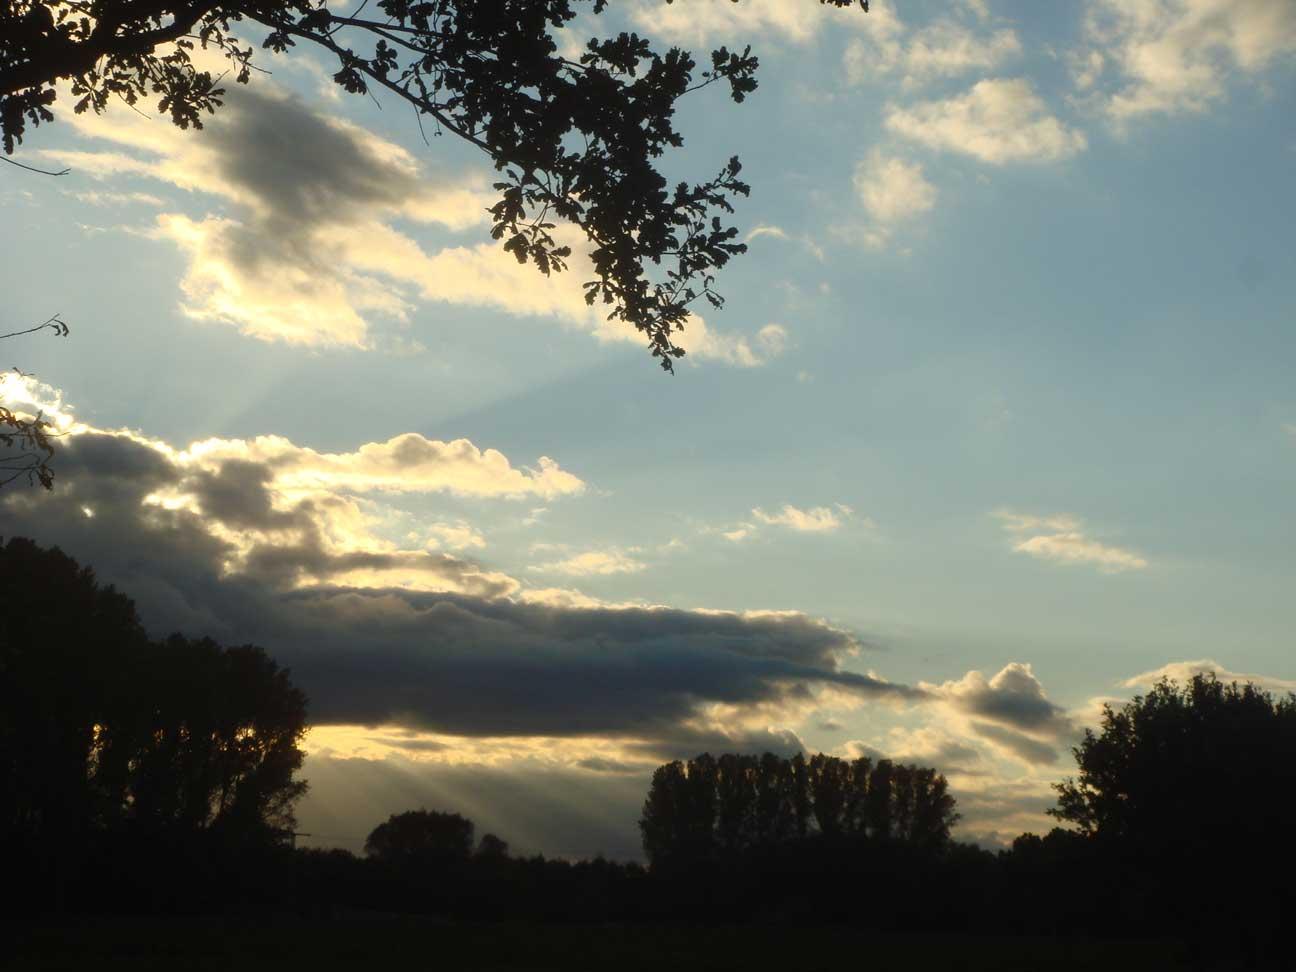 Herbst-Impressionen-07-012.jpg